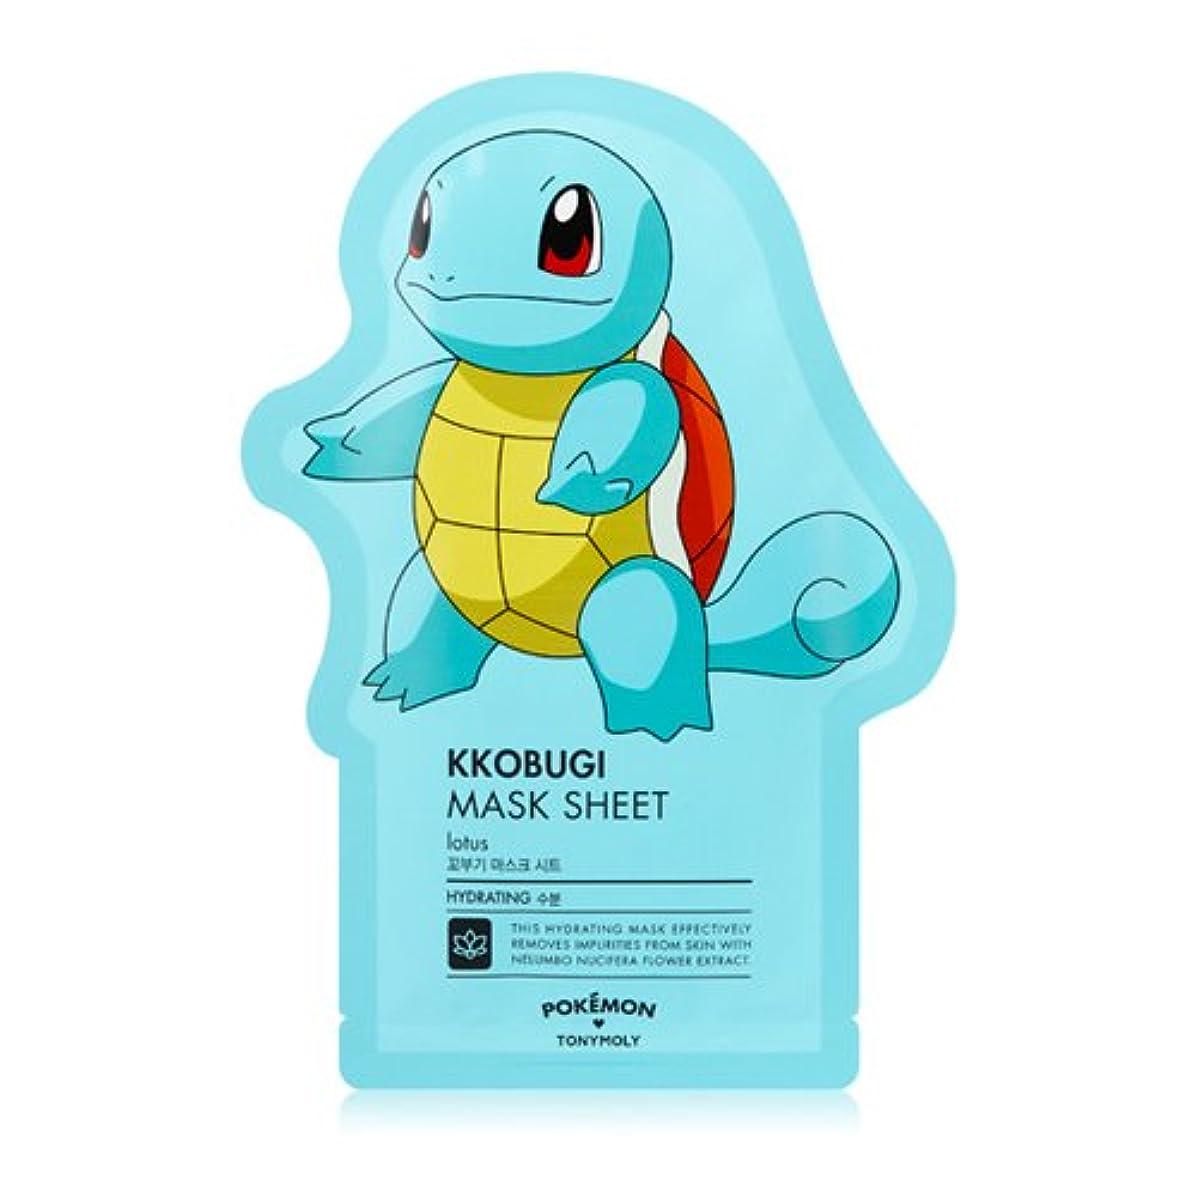 ママ約設定何もないTONYMOLY x Pokemon Squirtle/Kkobugi Mask Sheet (並行輸入品)